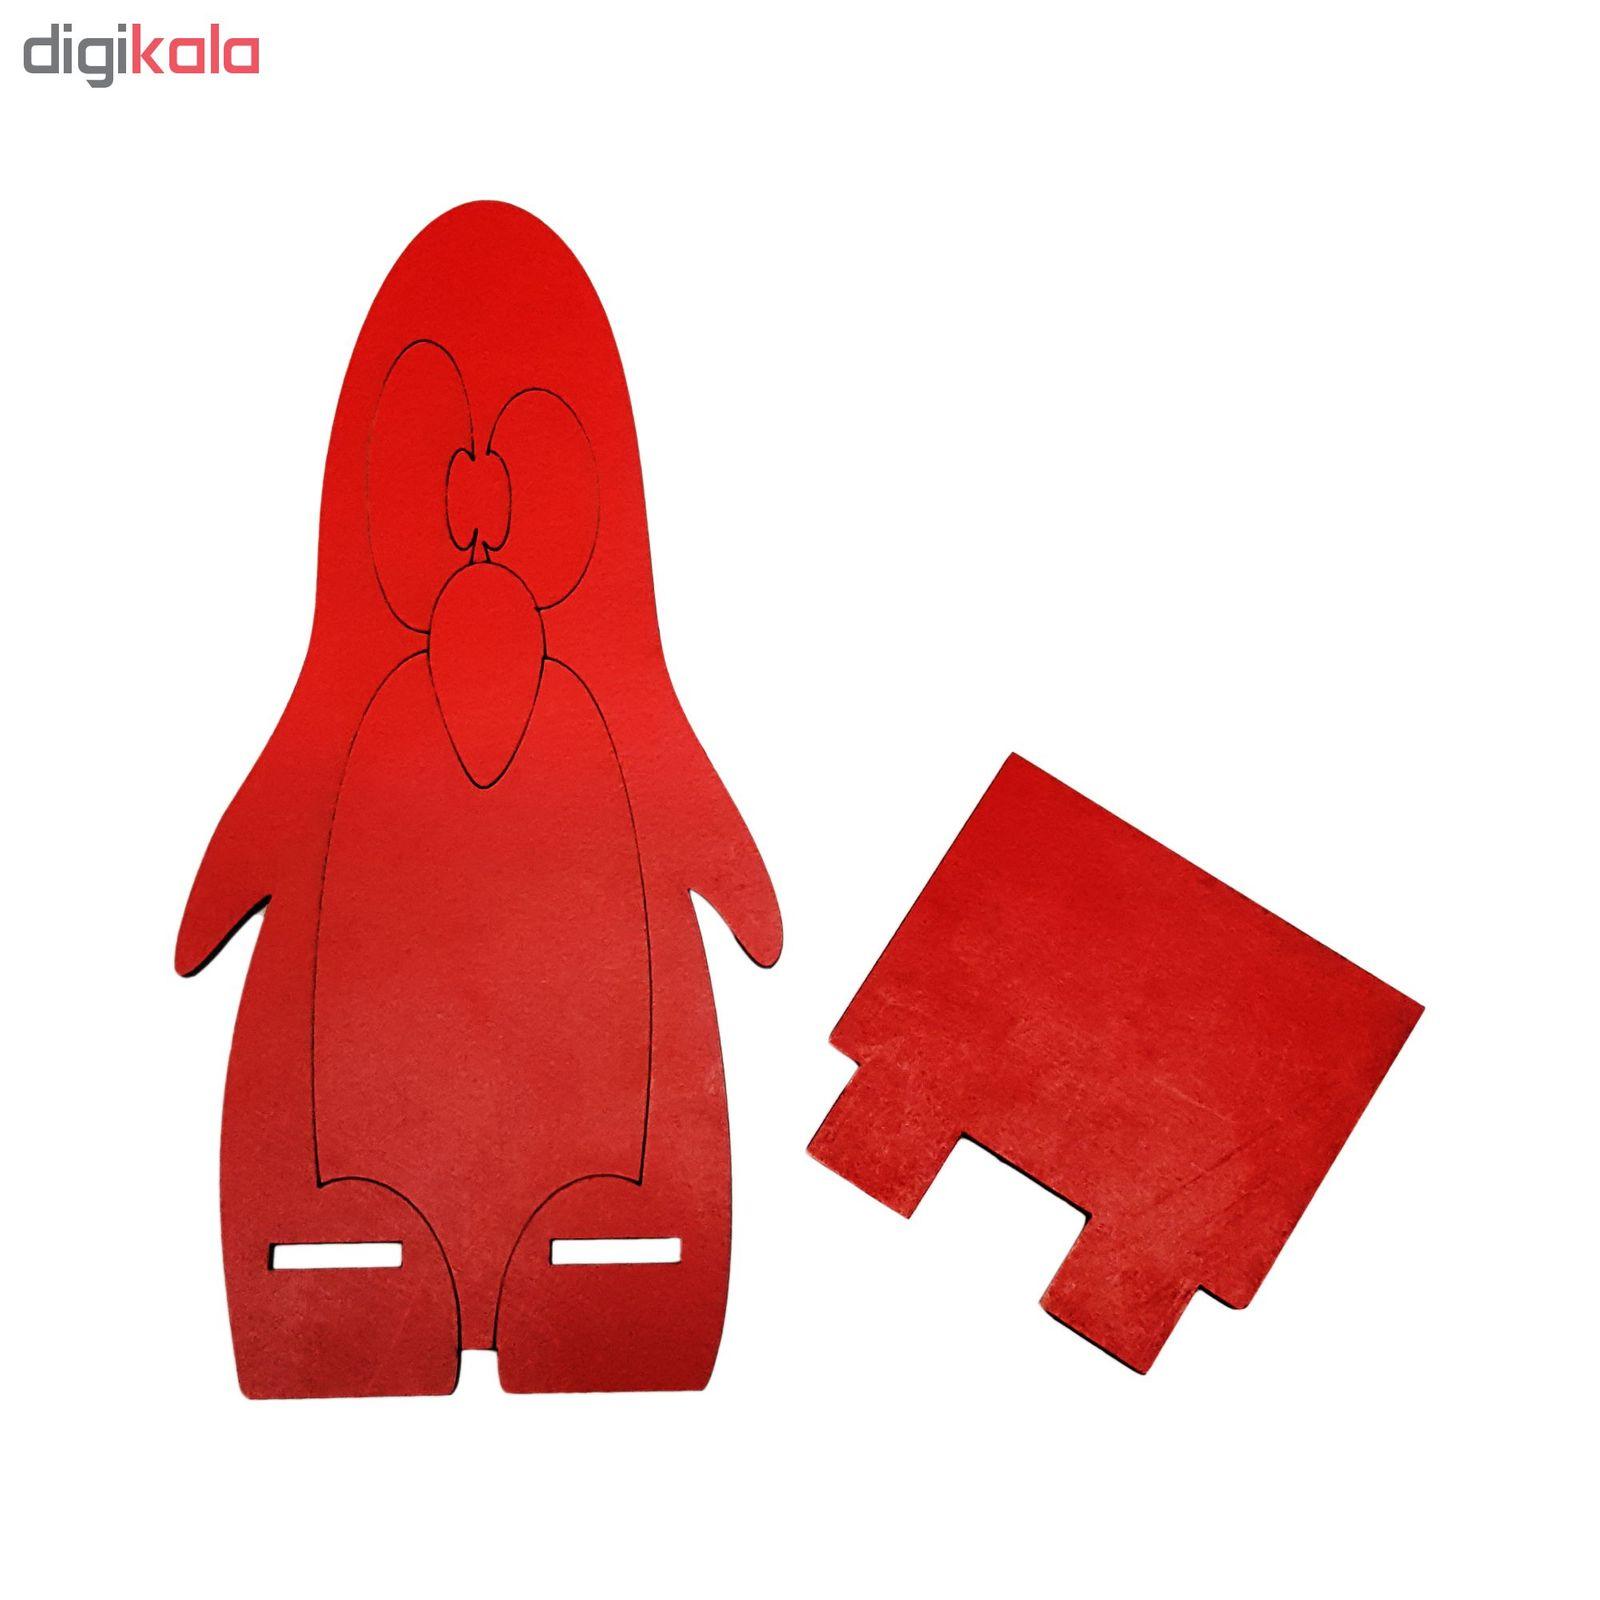 پایه نگهدارنده گوشی موبایل طرح پنگوئن مدل Mhr-255 main 1 2